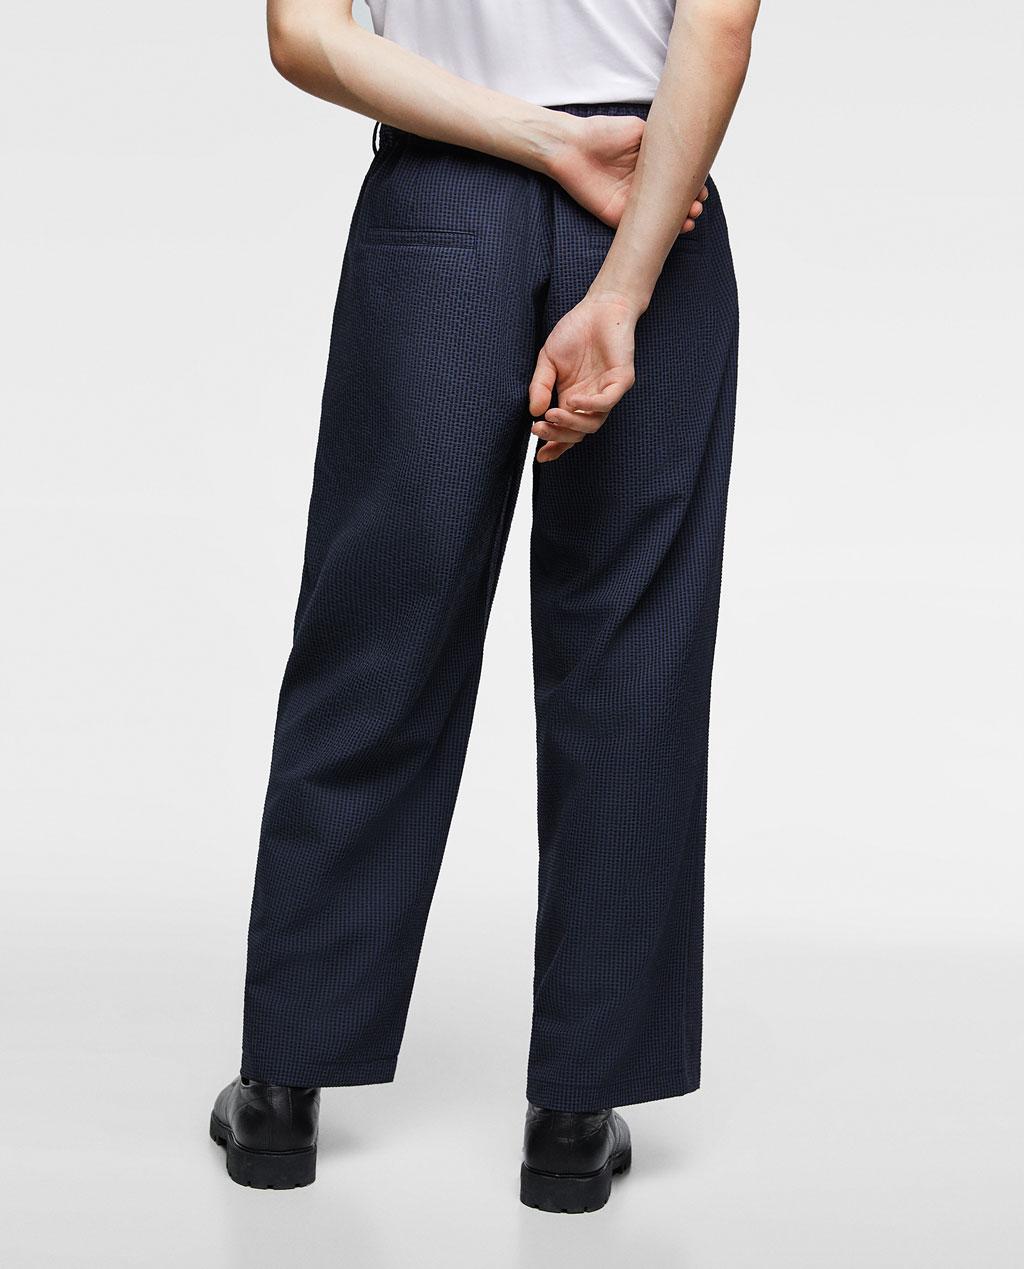 Thời trang nam Zara  24150 - ảnh 5